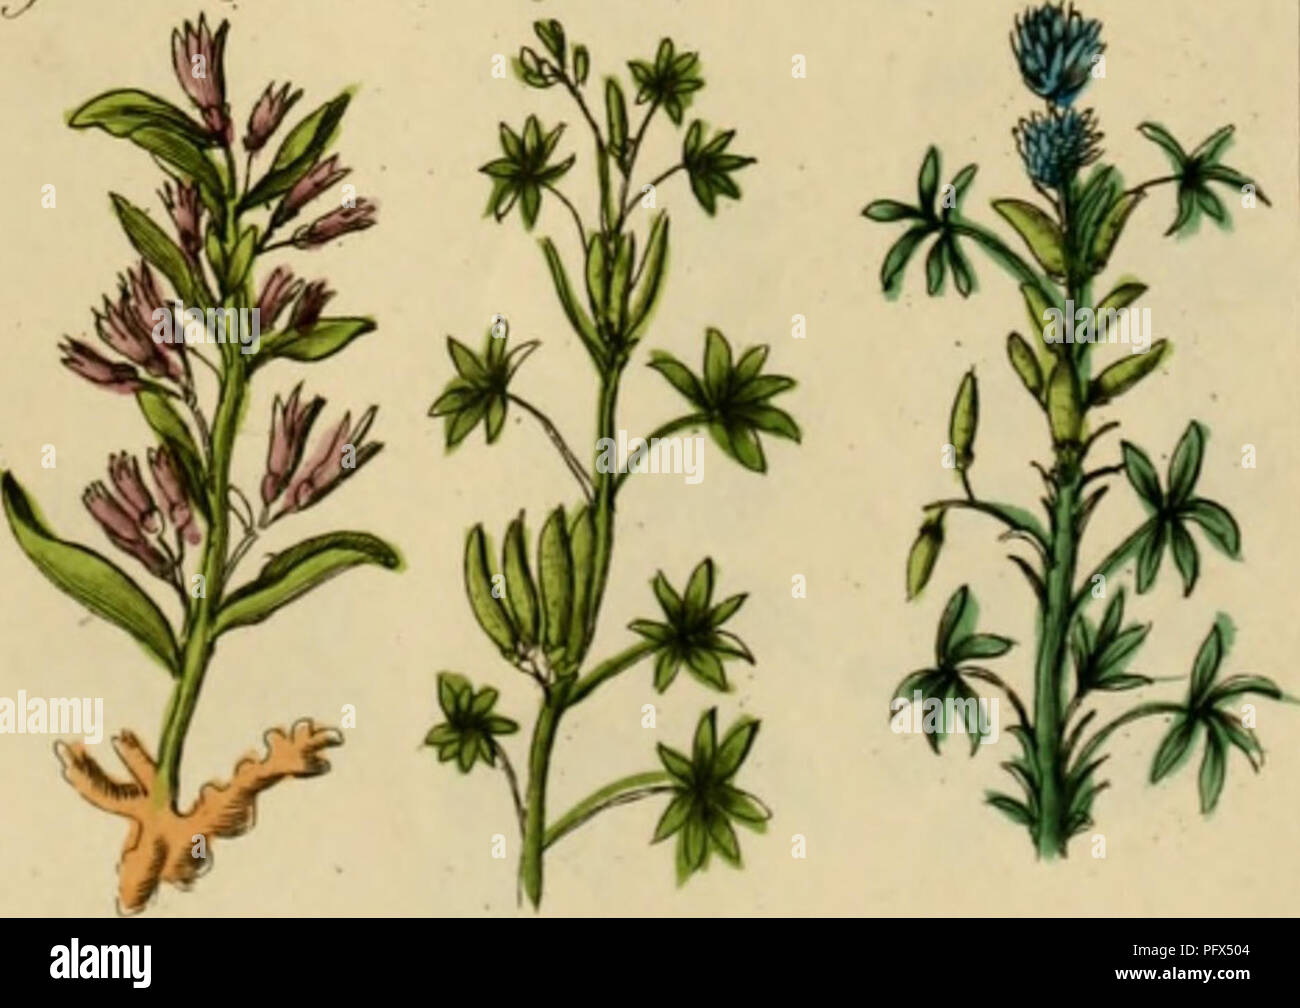 """. Culpepper's médico inglés ; y complete herbal. La botánica médica; Materia Medica, hortalizas; Materia Medica; Botánica; plantas medicinales. Zirif/niTftt (irrn""""/,rii7ij. Lnlit-ti iinq Trrt, r.J^/rtti-> (r m"""" Ij il/litif . I.:ifll Jljiif'i. Por favor tenga en cuenta que estas imágenes son extraídas de la página escaneada imágenes que podrían haber sido mejoradas digitalmente para mejorar la legibilidad, la coloración y el aspecto de estas ilustraciones pueden no parecerse perfectamente a la obra original. Culpeper, Nicholas, 1616-1654; Sibley, Ebenezer, 1751-1800. Londres: Impreso por el autor, y se vende en el British Direct Foto de stock"""